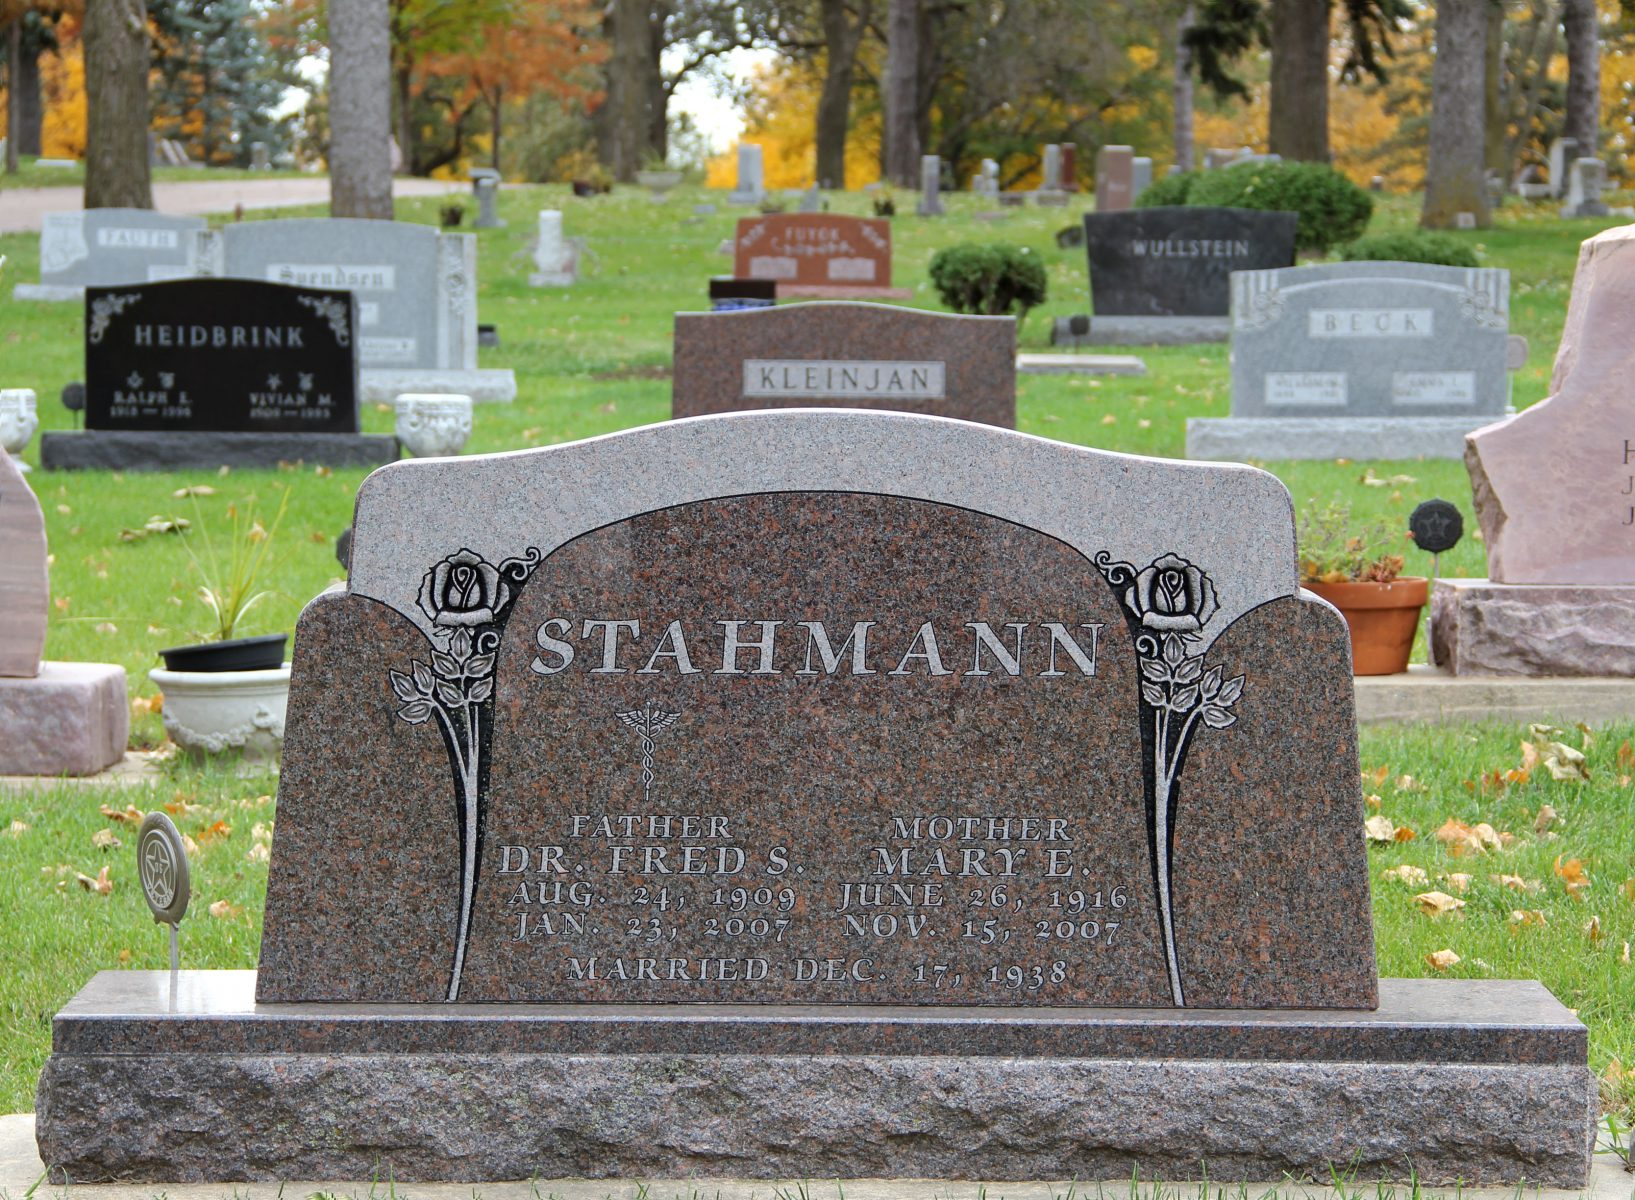 Stahmann Web